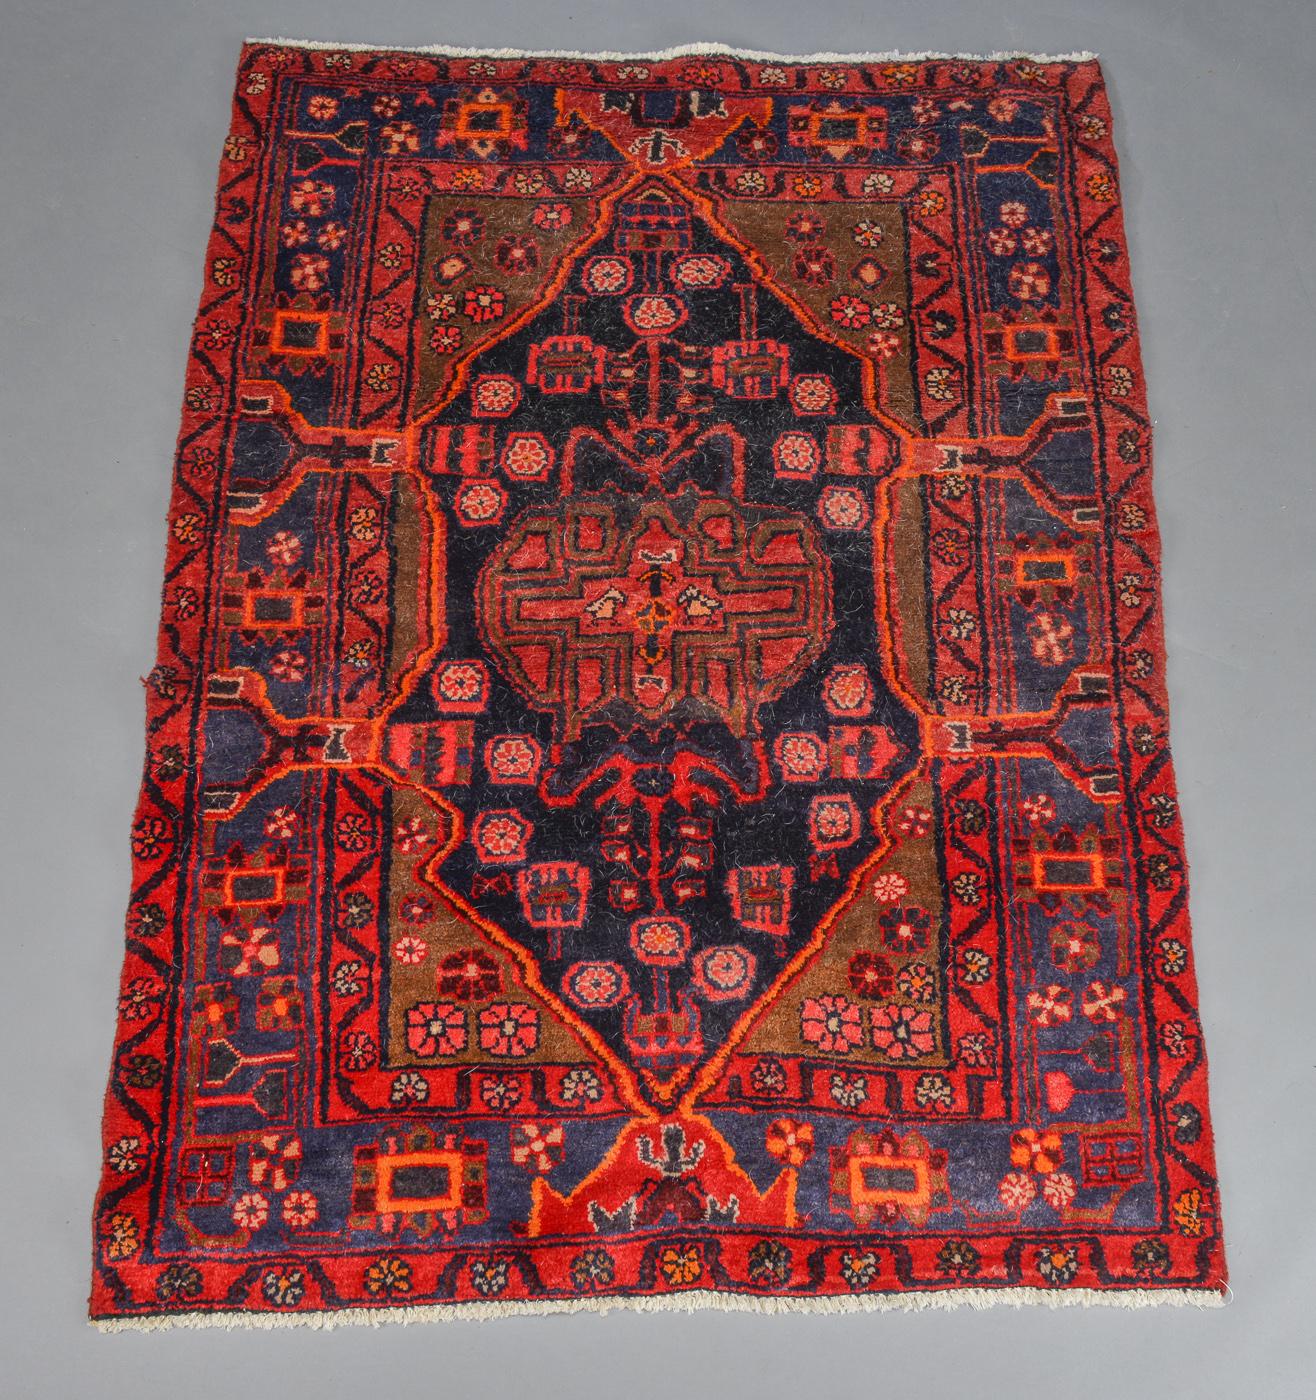 Persisk Nahavand tæppe. 169x125 cm - Persisk Nahavand tæppe. Uld på bomuld. 169x125 cm